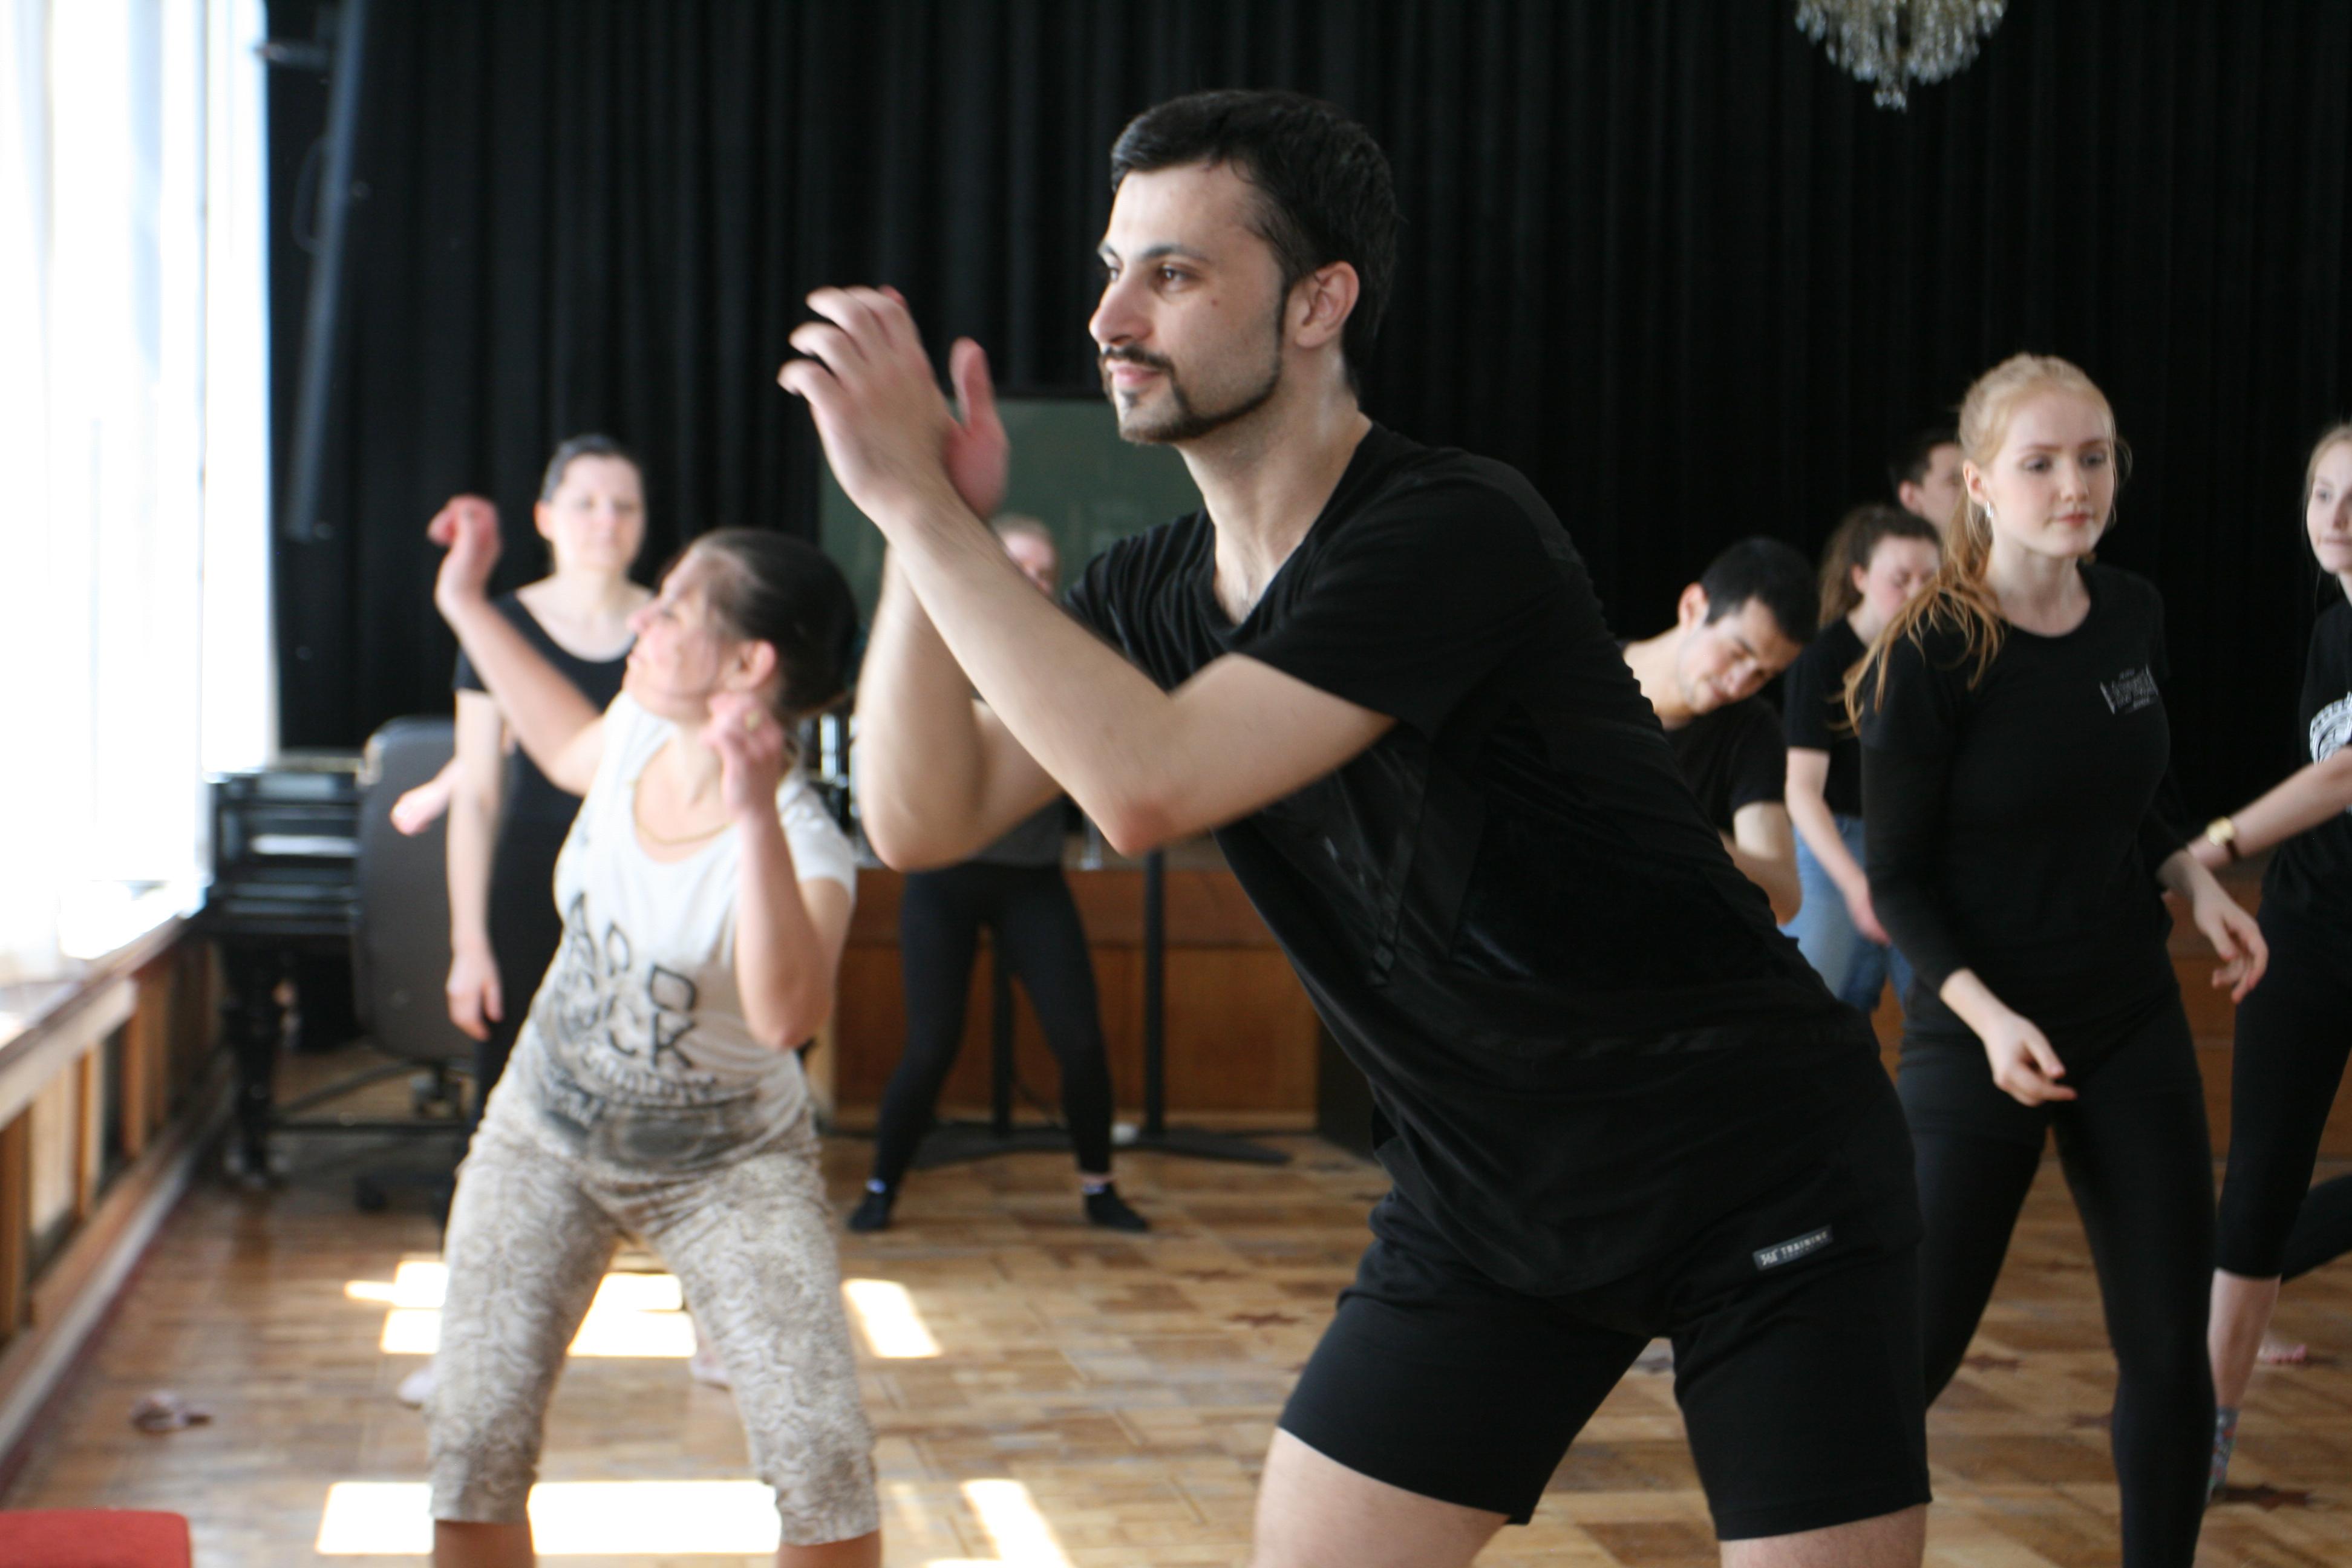 02.06.2018 #КлассИКИ: Сценическое движение — ритм, темп, хореография